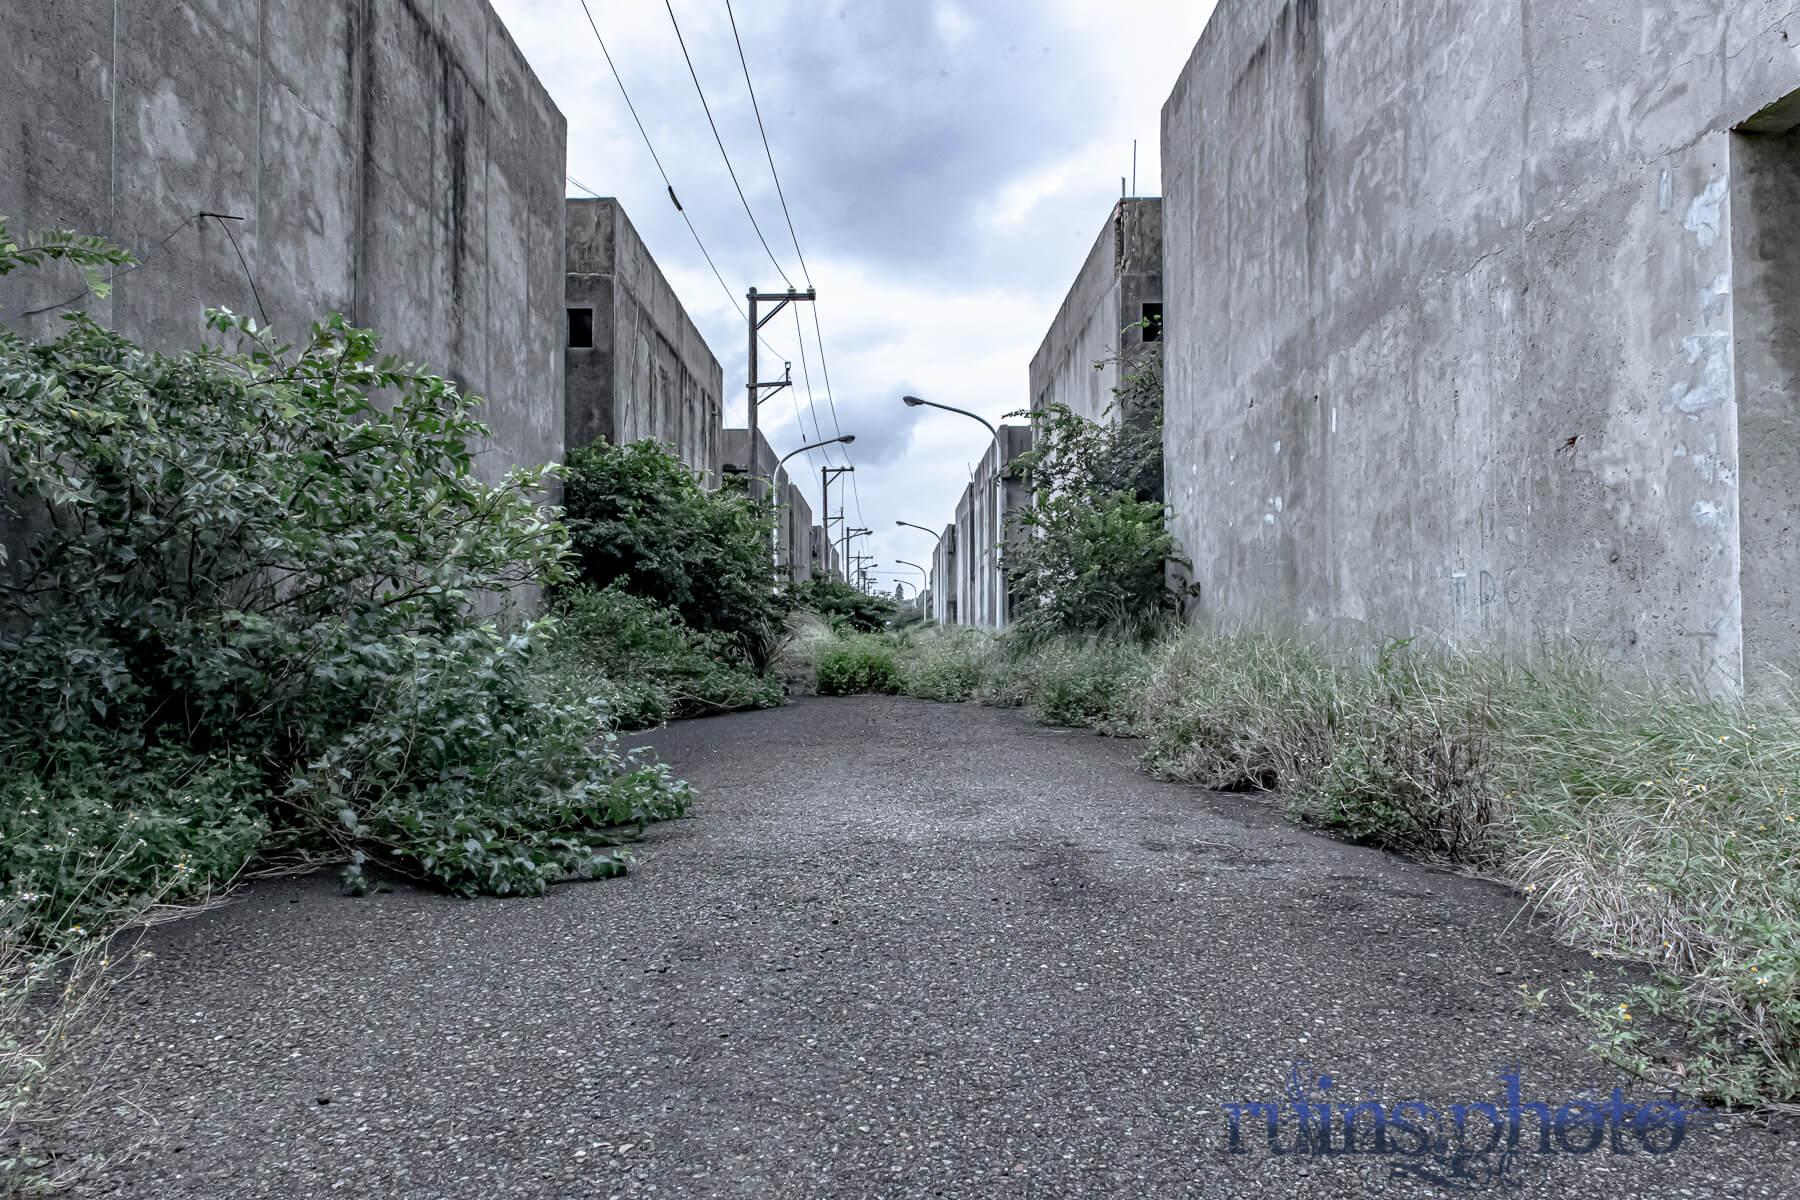 田園地帯にある団地:台湾桃園国際空港近くの廃村(台湾桃園市)